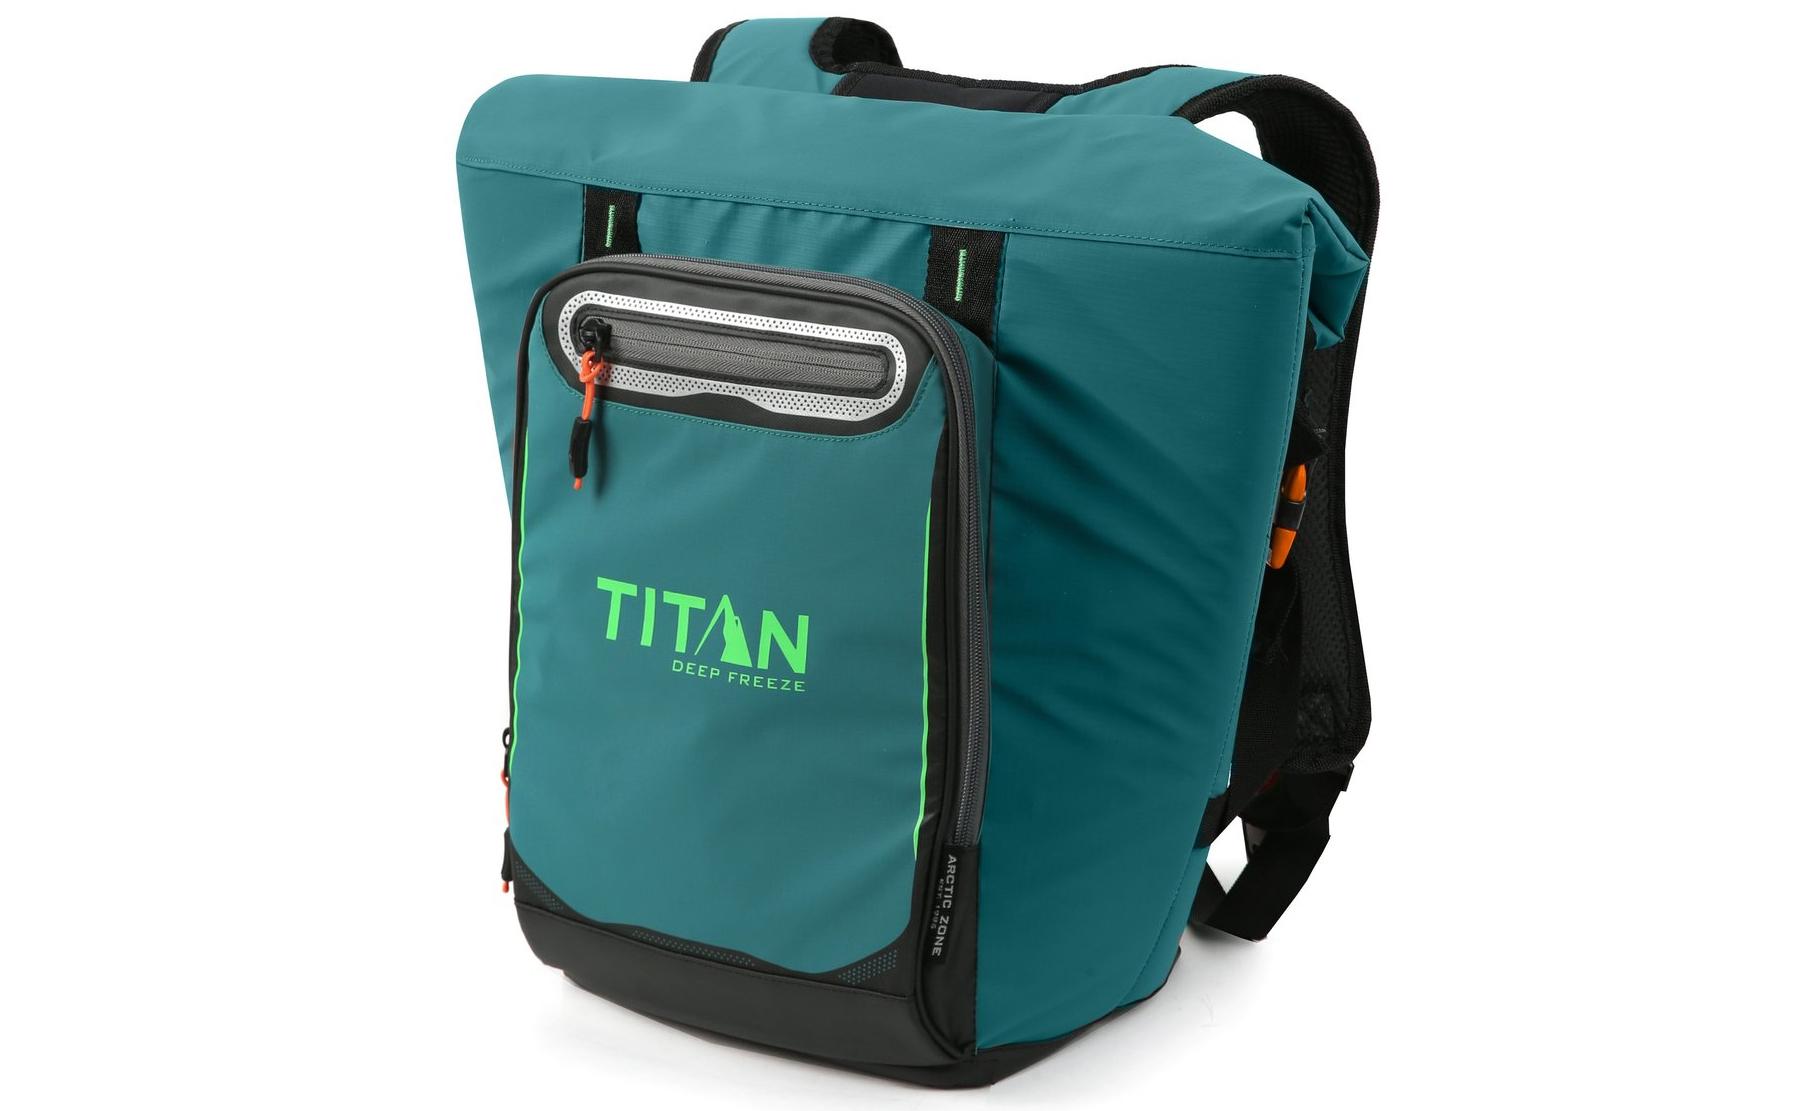 arctic zone titan deep freeze rolltop backpack cooler